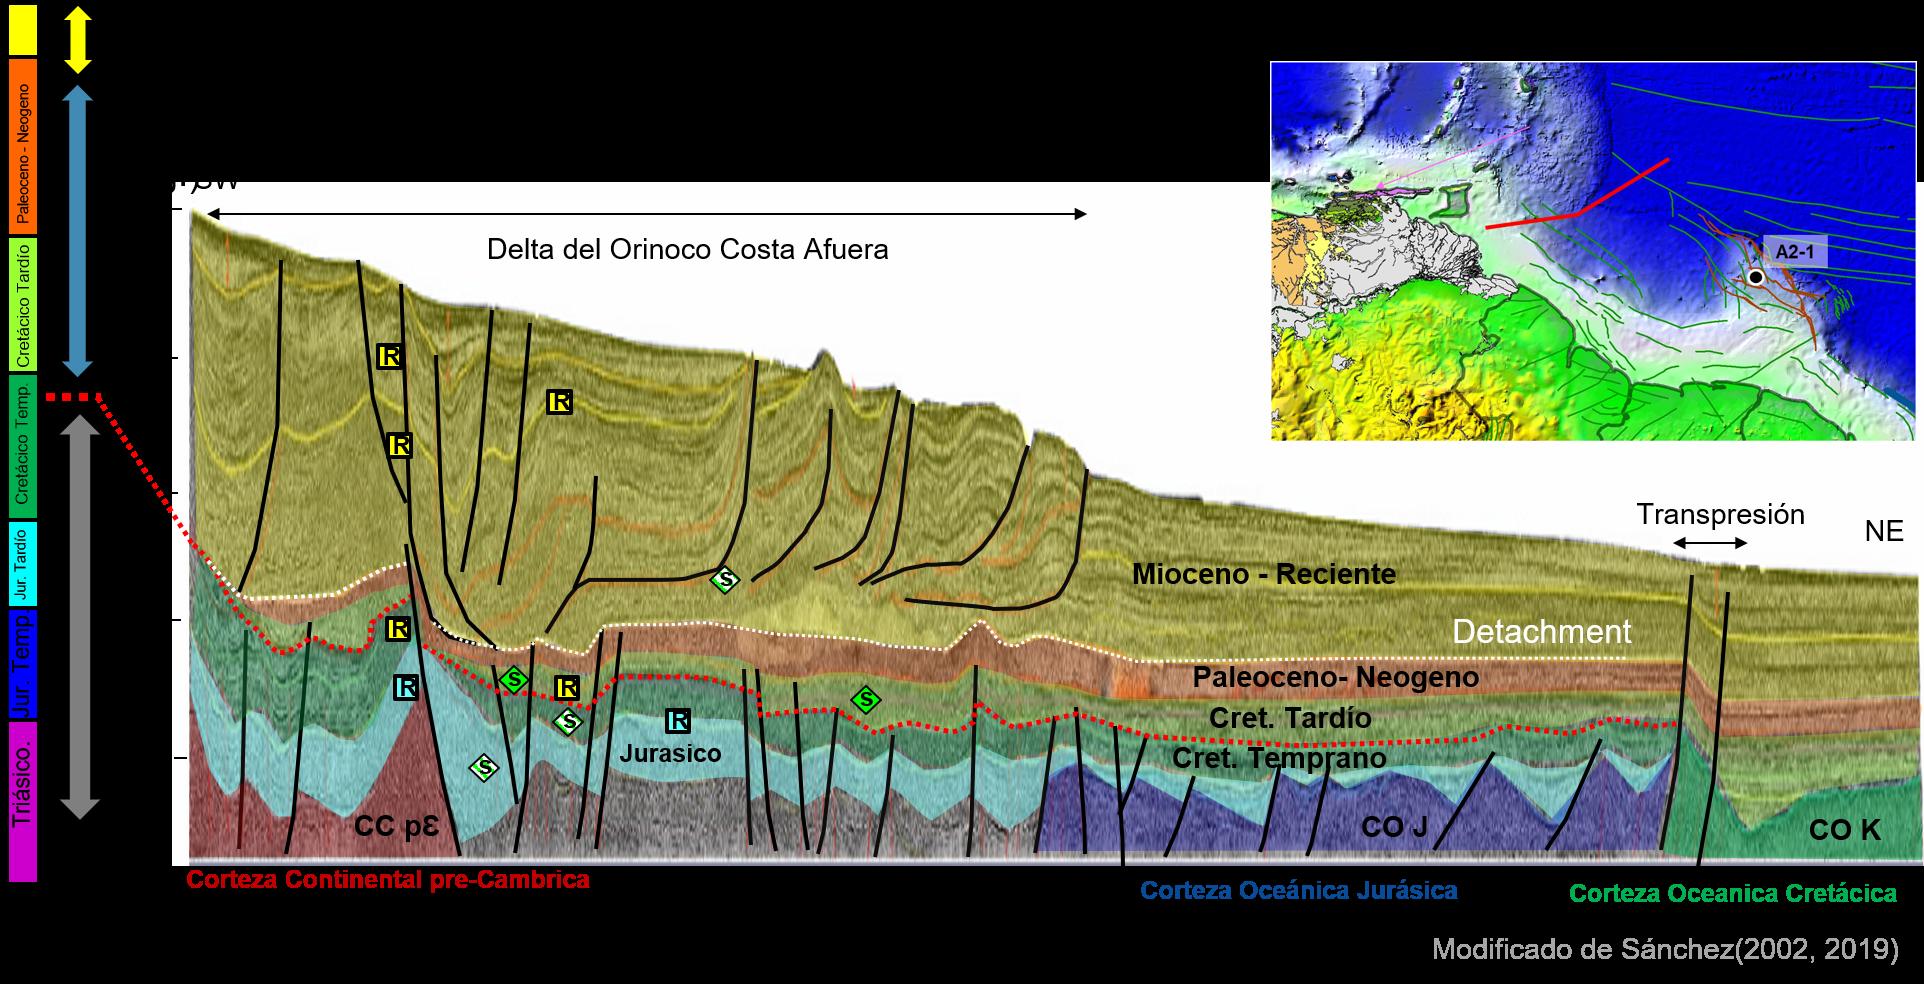 Perspectivas sobre el marco geológico regional del Delta del Orinoco Costa Afuera y la Cuenca de Guyana